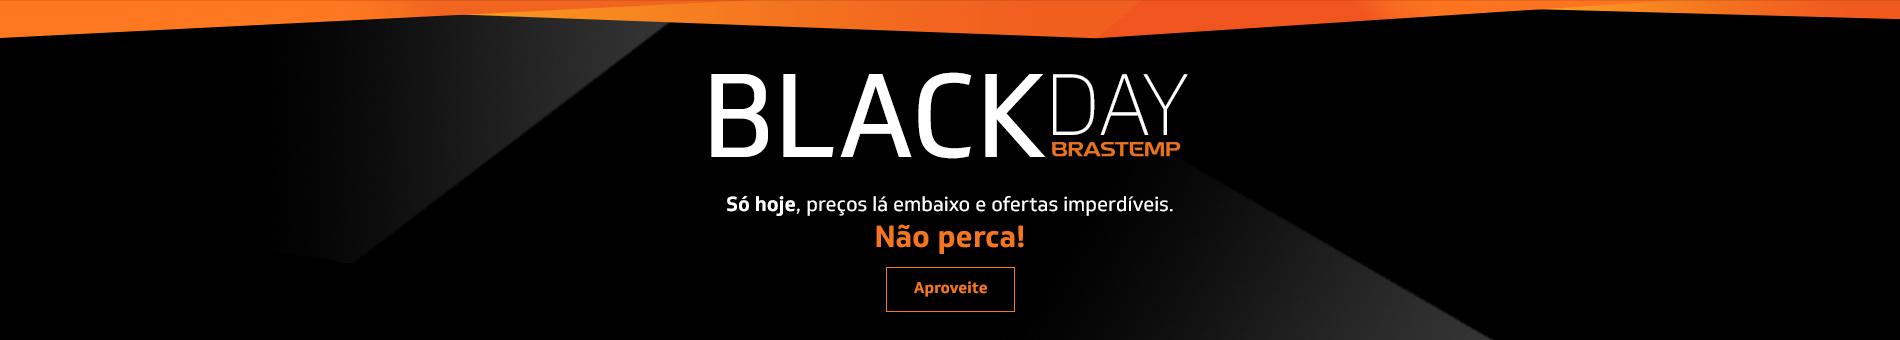 Promoção Interna - 472 - blackdaybrastemp_generico_home1_27062016 - generico - 1